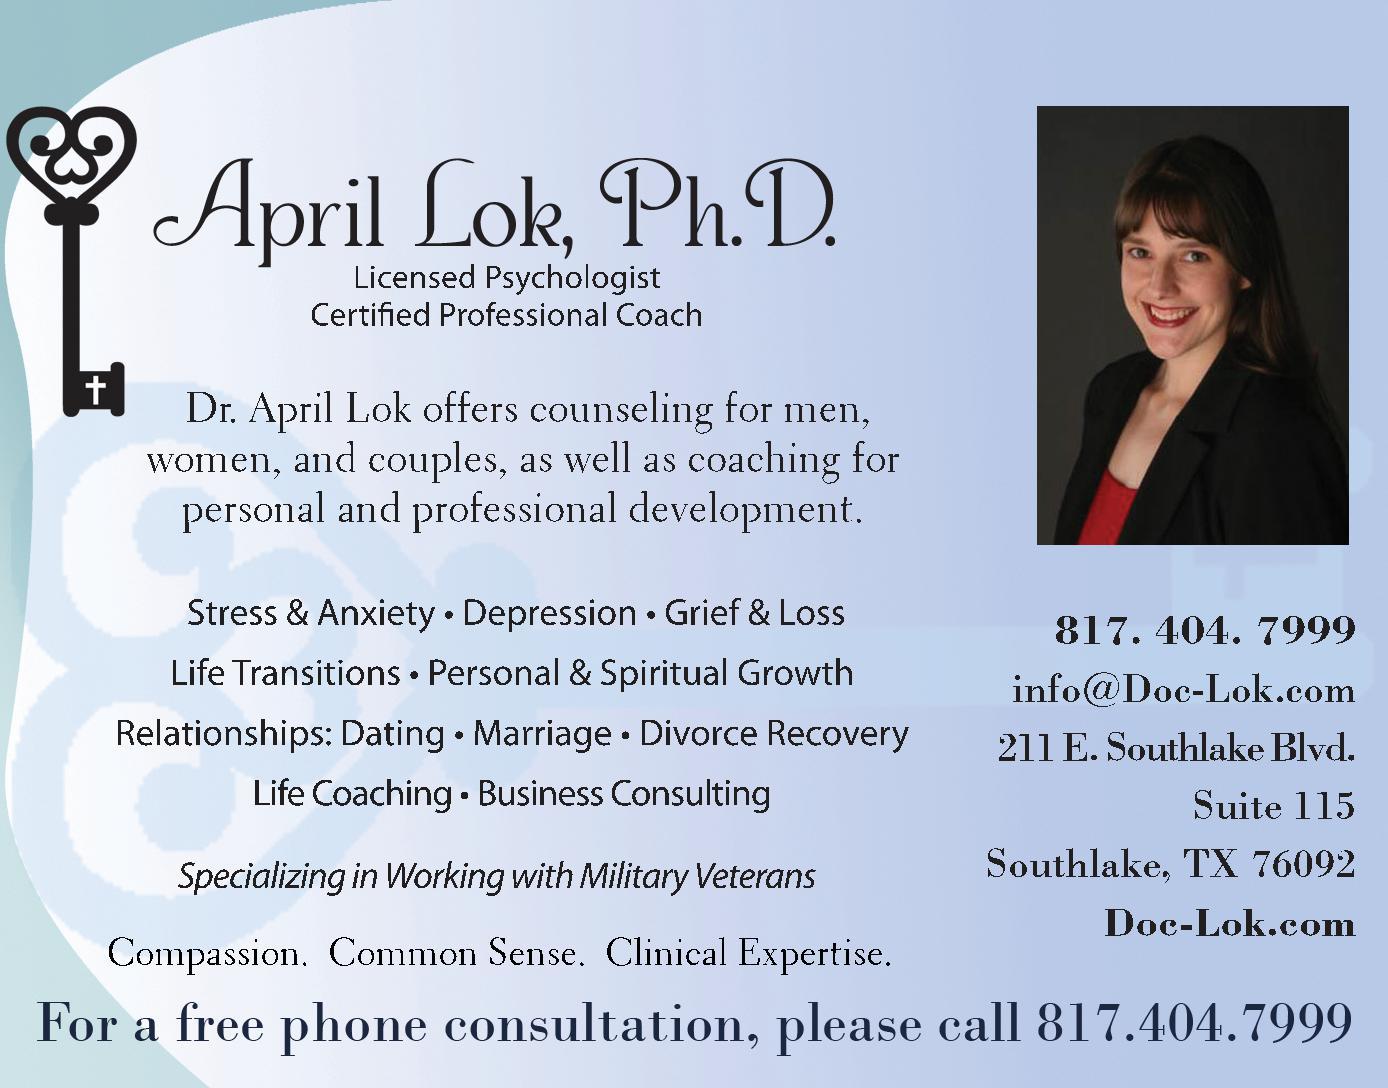 April Lok, Ph.D., Licensed Psychologist